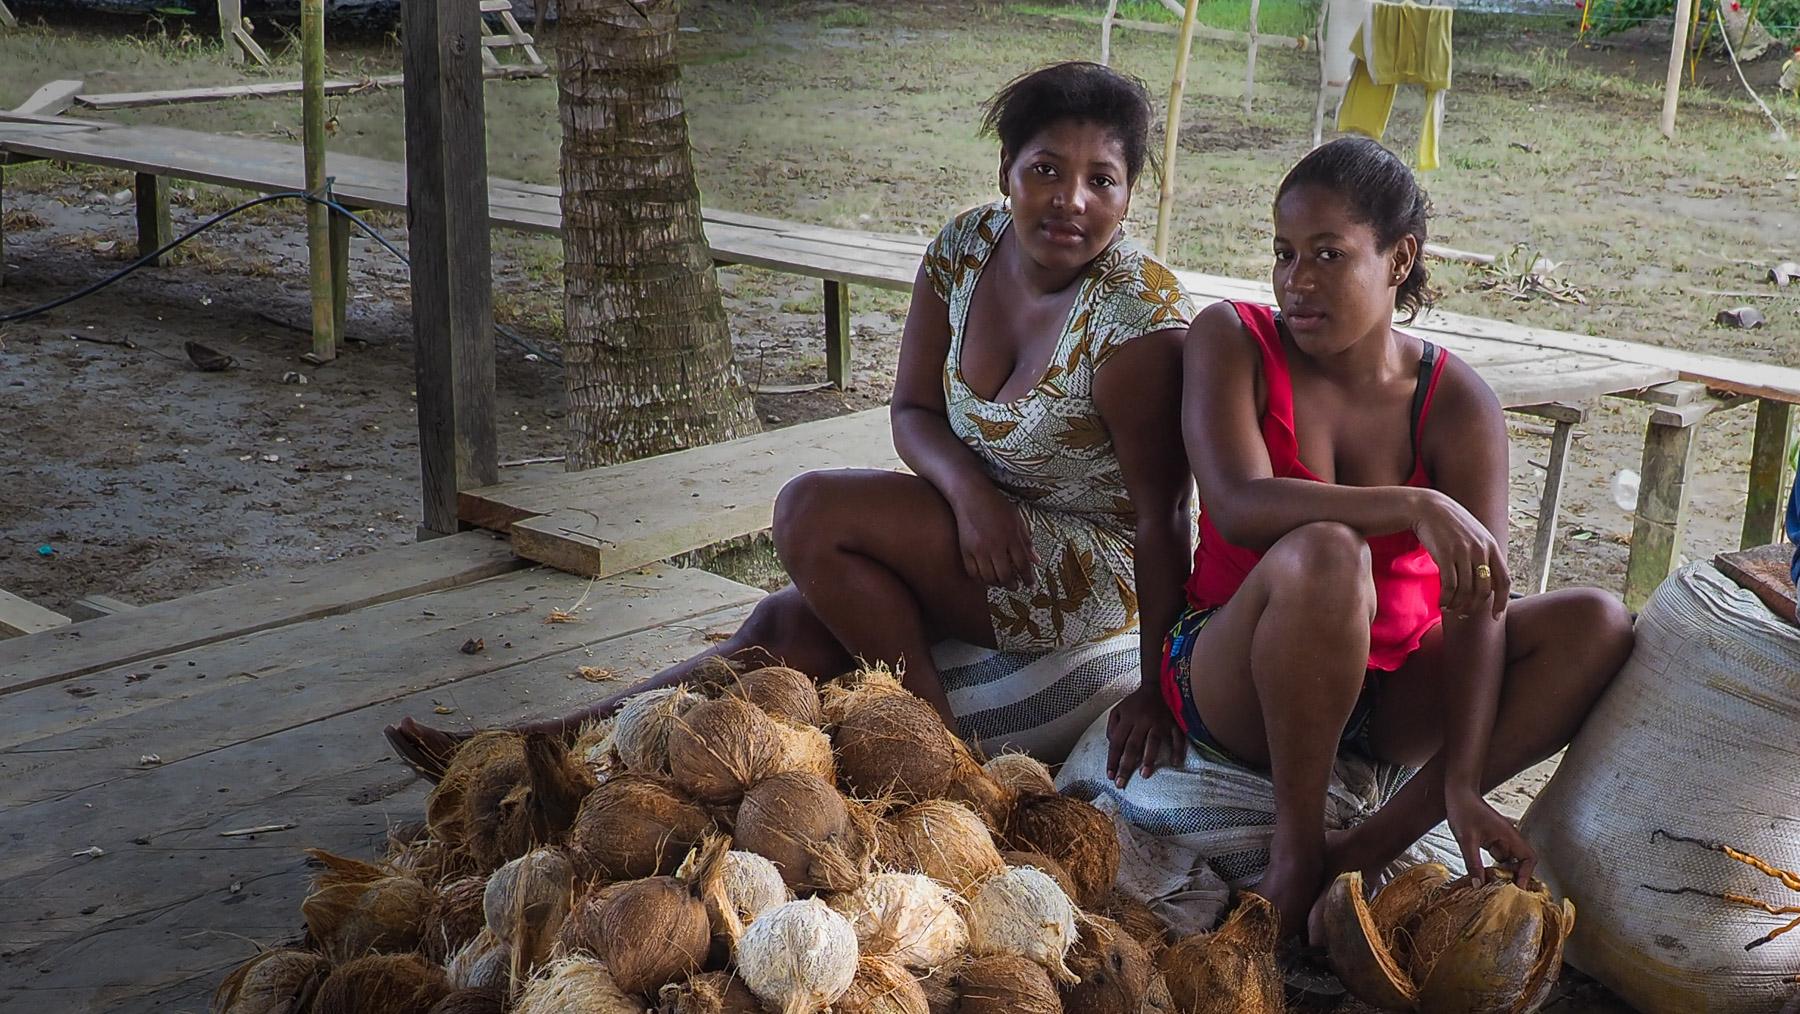 Kokosnüsse schälen, eine mühsame Arbeit